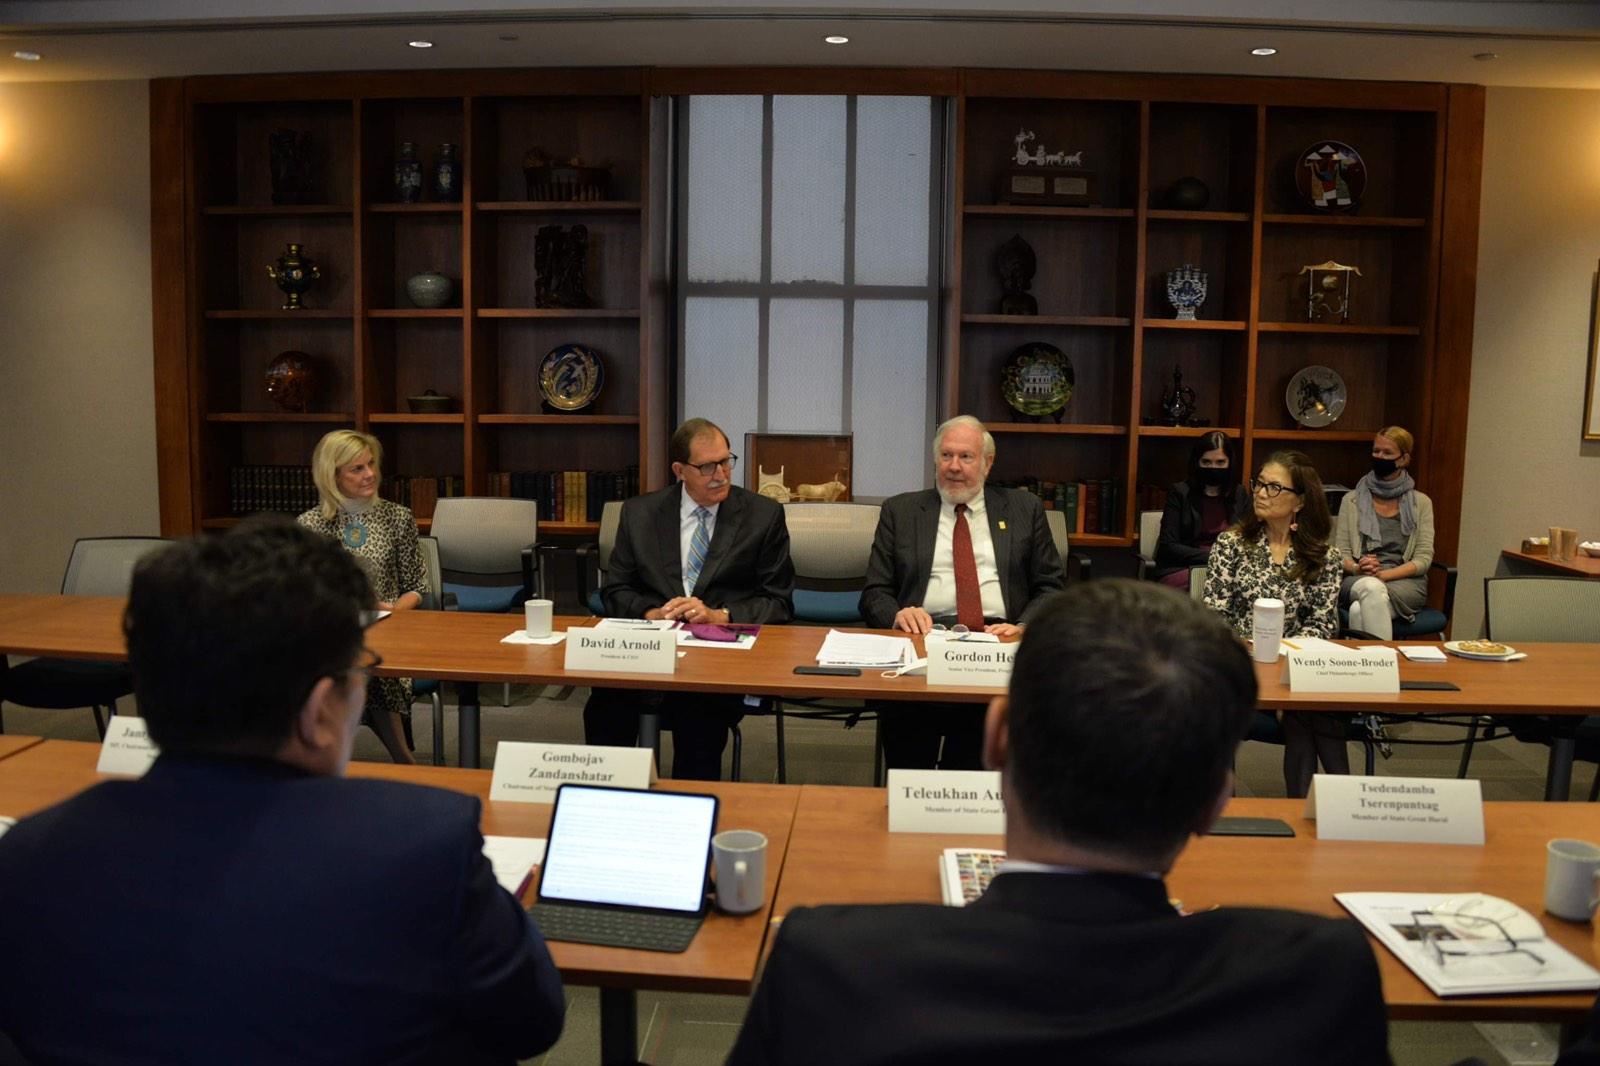 Монгол Улсын Их Хурлын дарга Г.Занданшатар Америкийн Нэгдсэн Улсад ажлын айлчлал хийж байна